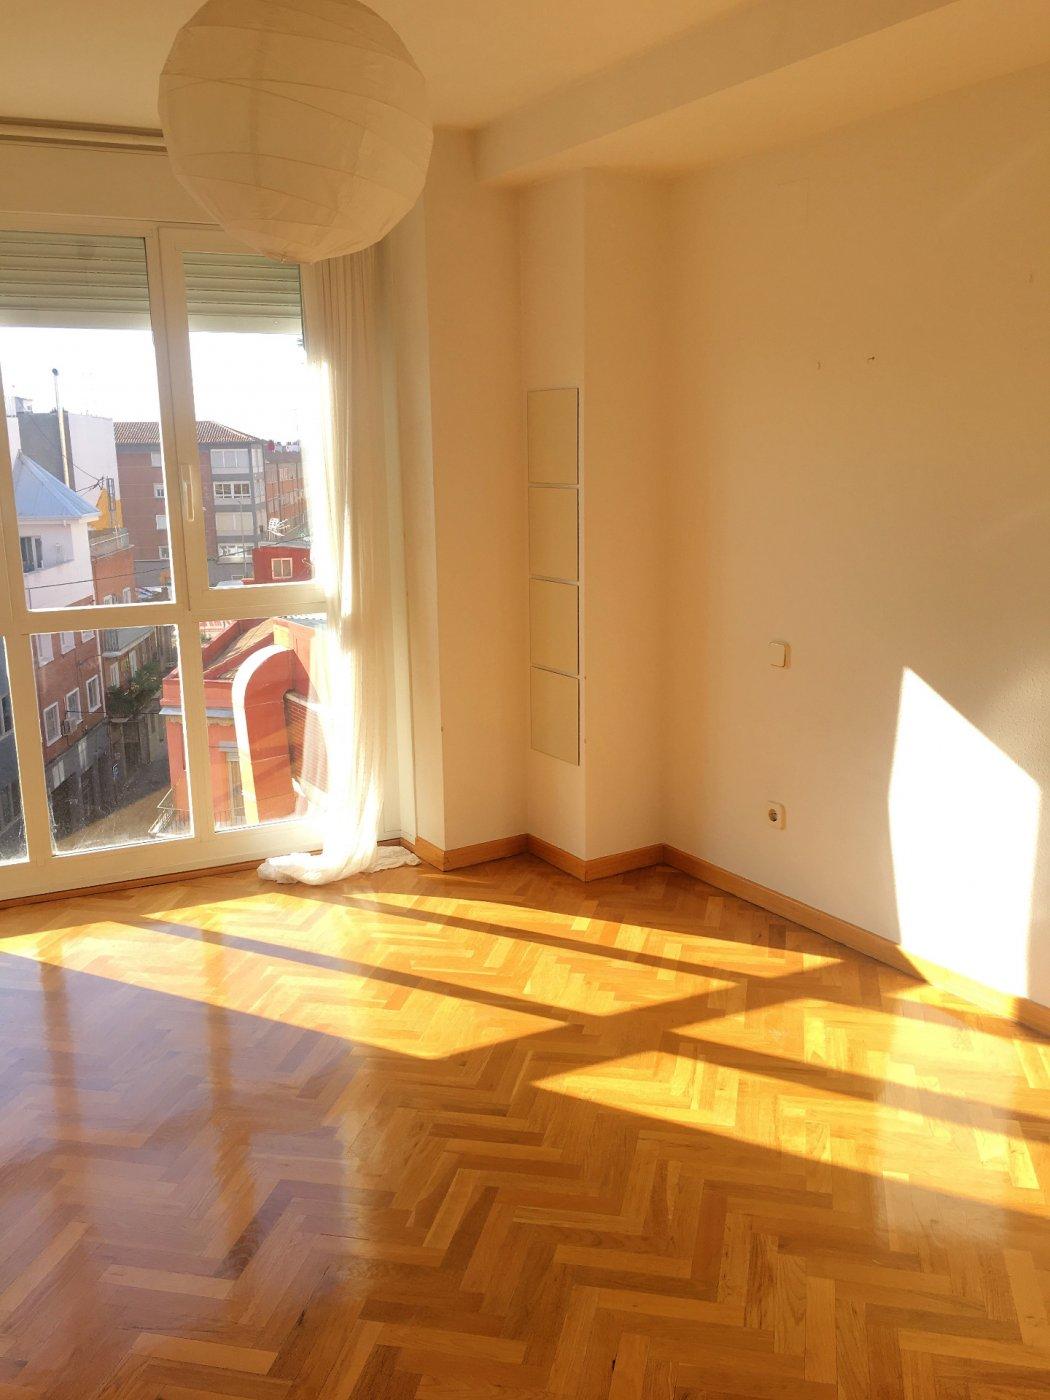 Bonito apartamento en  zona de costillares tetuan cuzco - imagenInmueble5